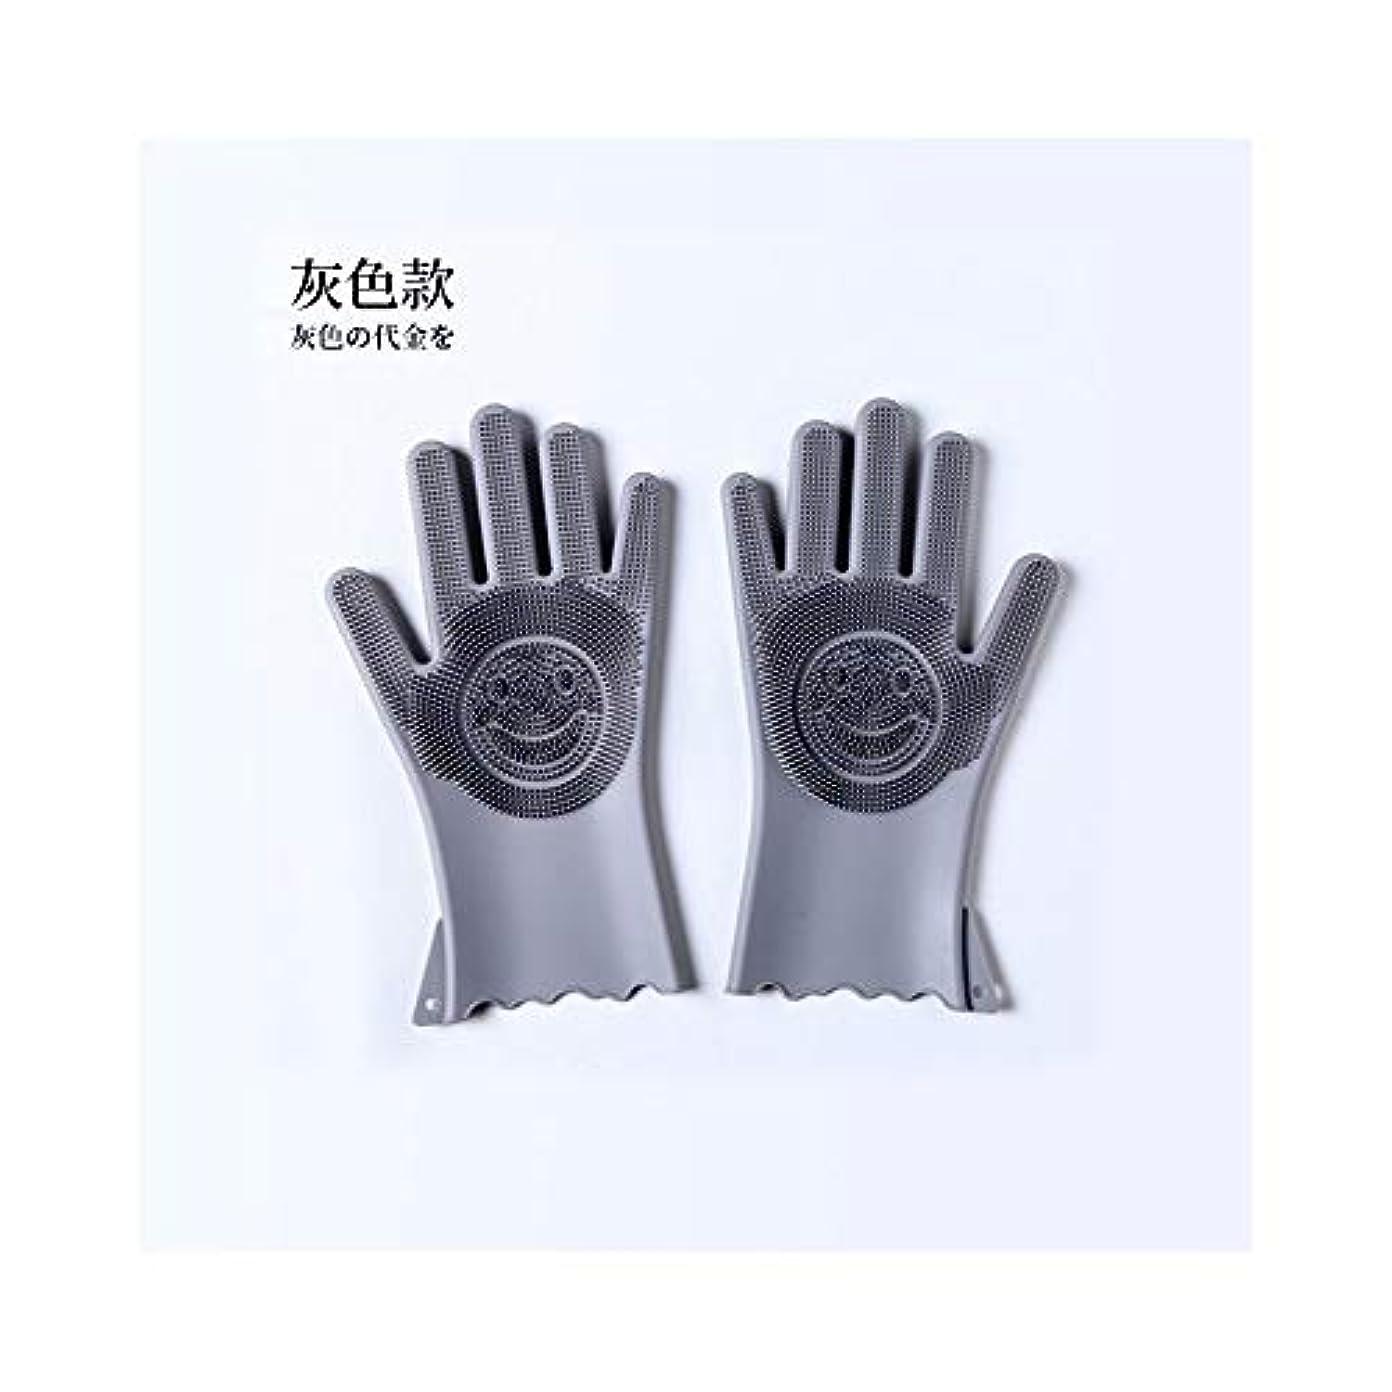 疑い者社交的ハンサムニトリルゴム手袋 作業用手袋防水厚くて丈夫なシリコーン多機能キッチン家庭用手袋 使い捨て手袋 (Color : Gray, Size : M)